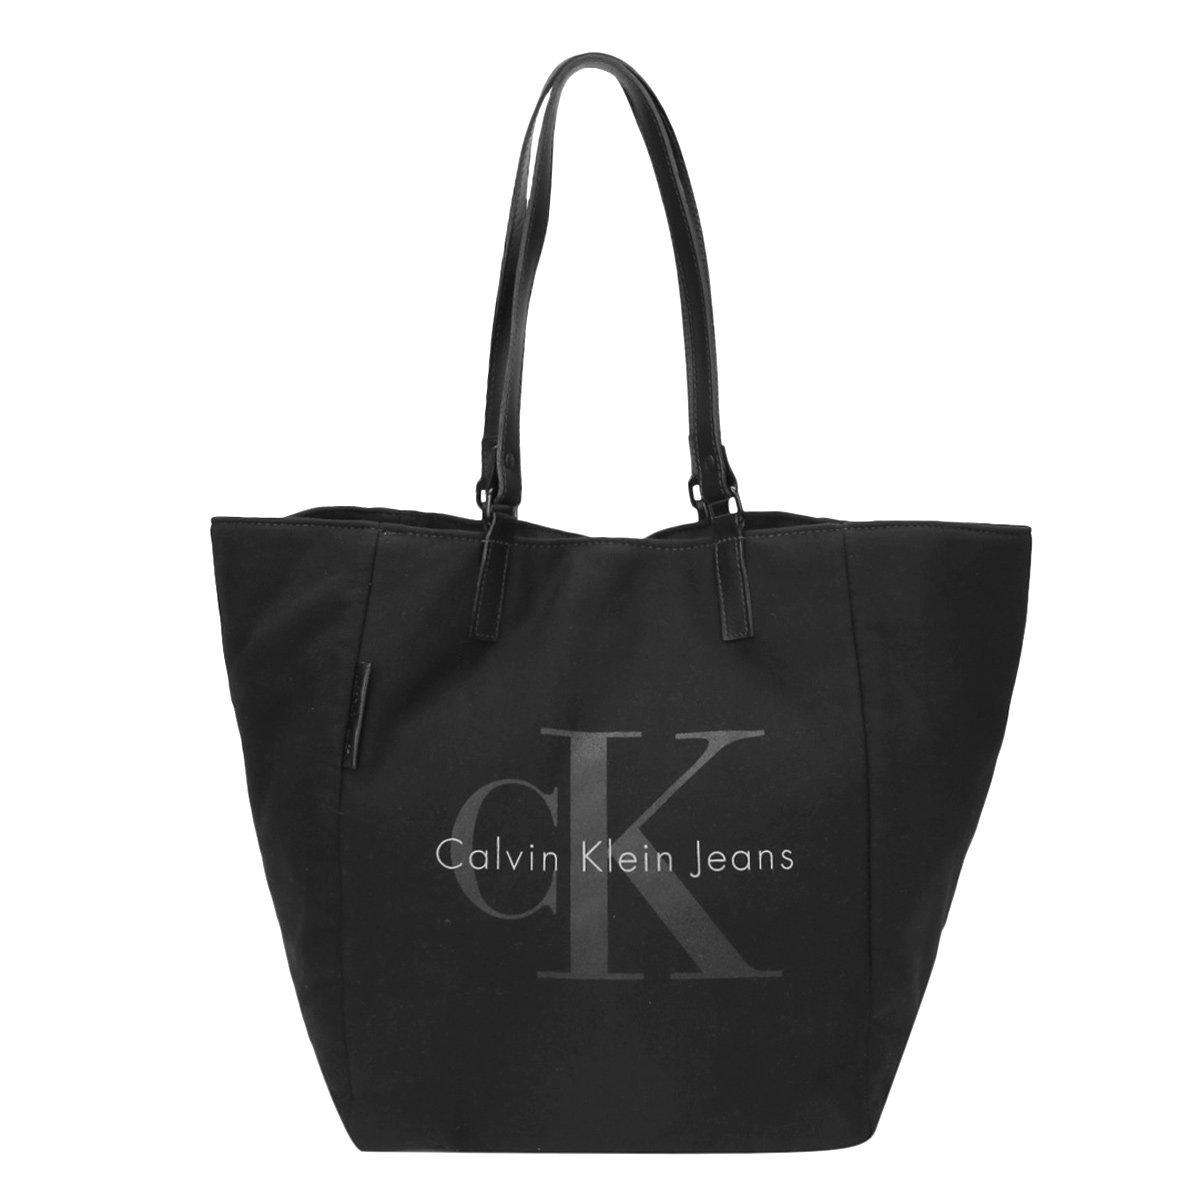 Bolsa Calvin Klein Shopper Moletom Feminina - Compre Agora   Zattini 1a5e05546a